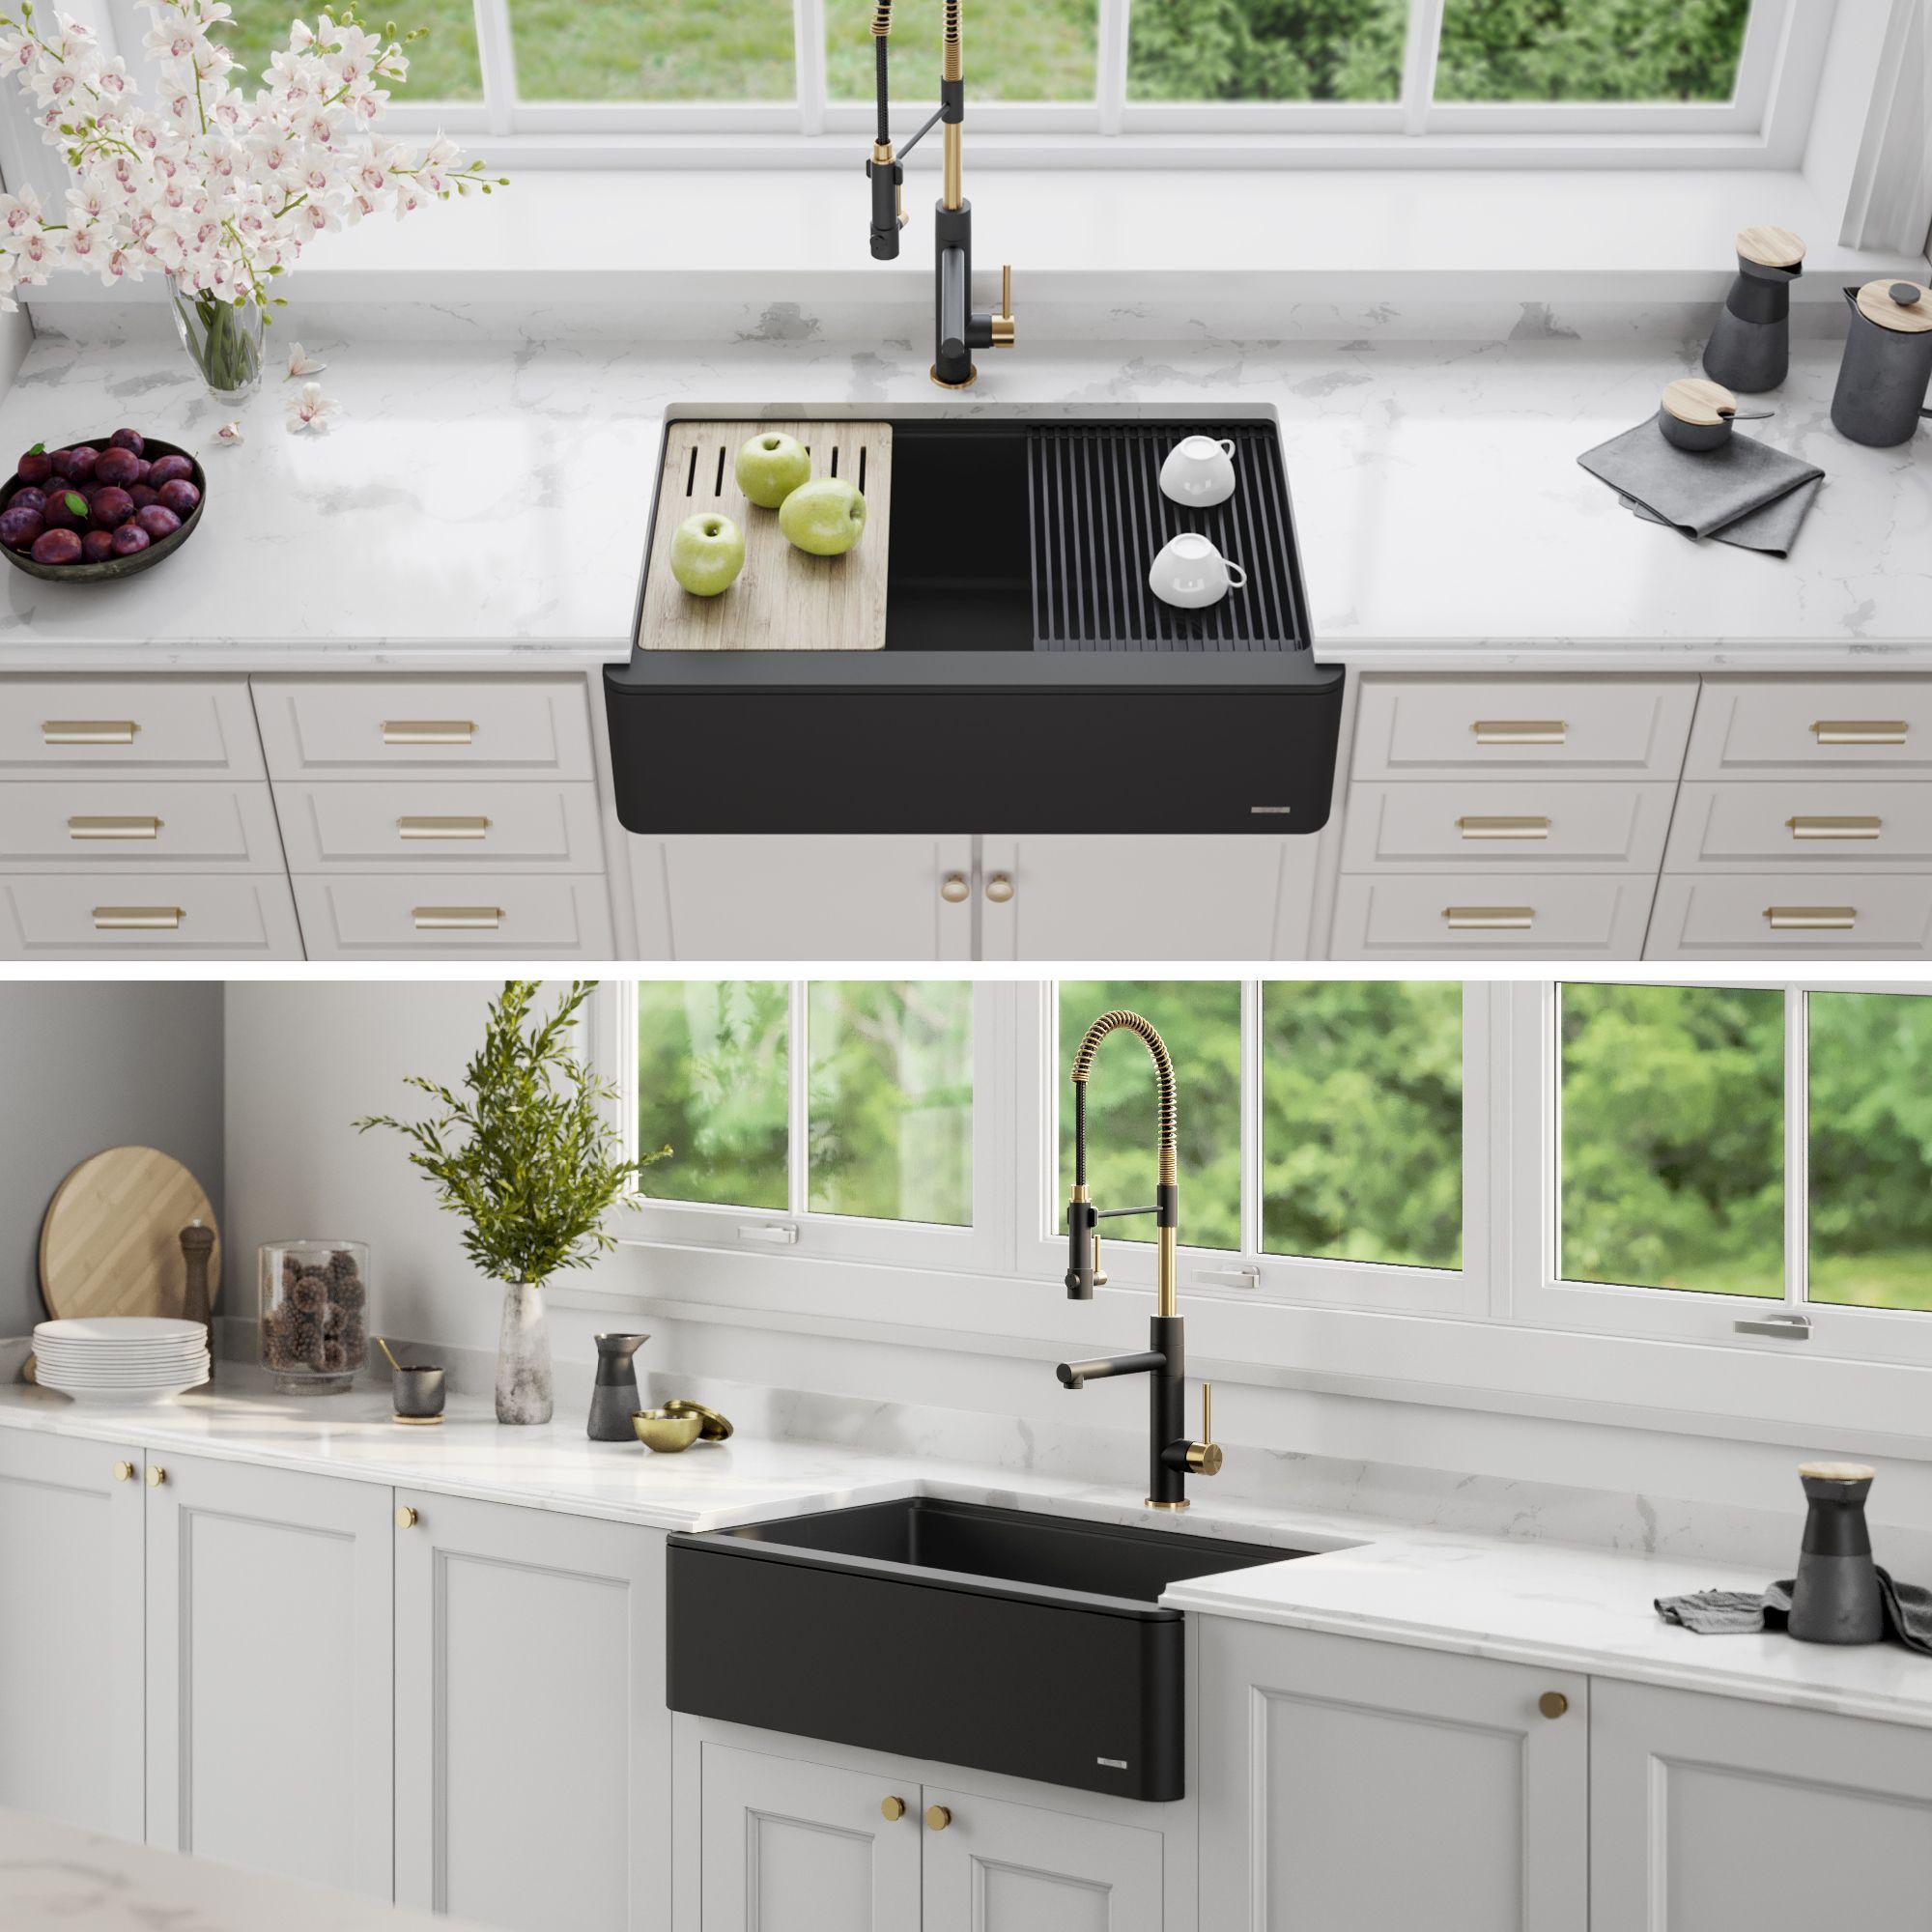 Best Workstation Kitchen Sink